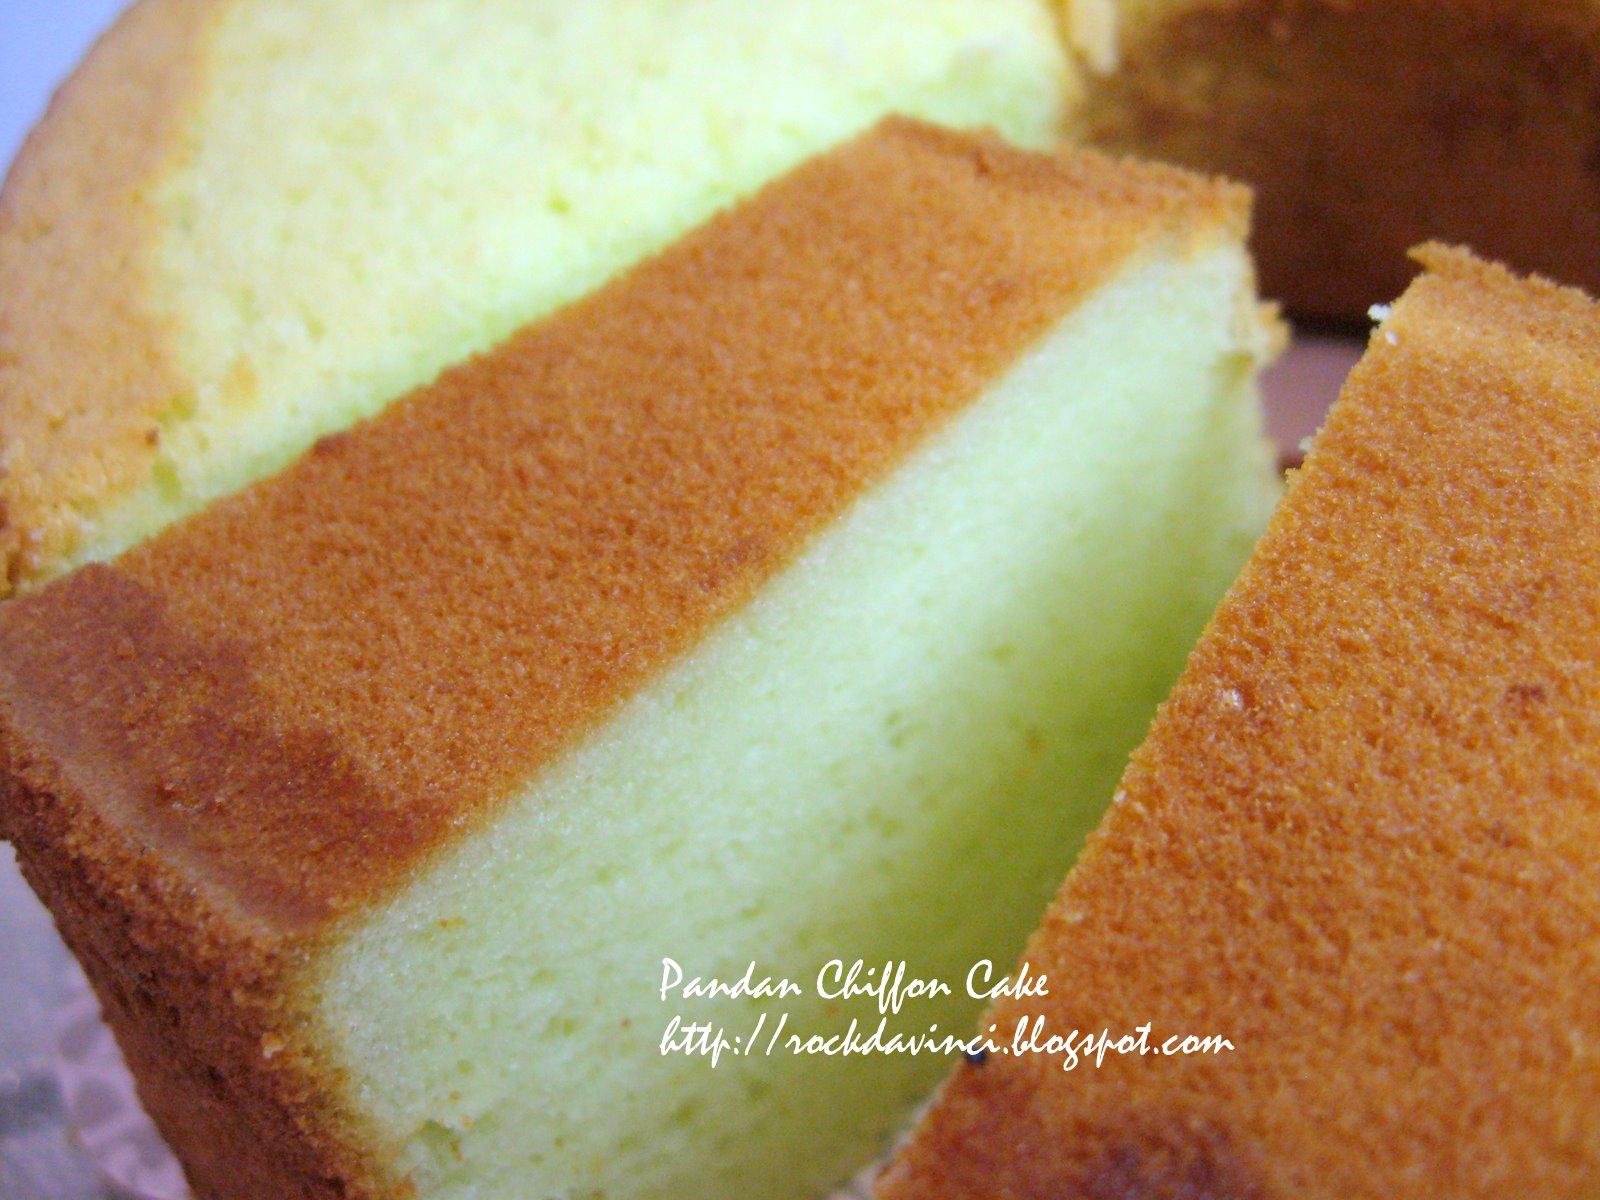 Best Pandan Chiffon Cake Recipe